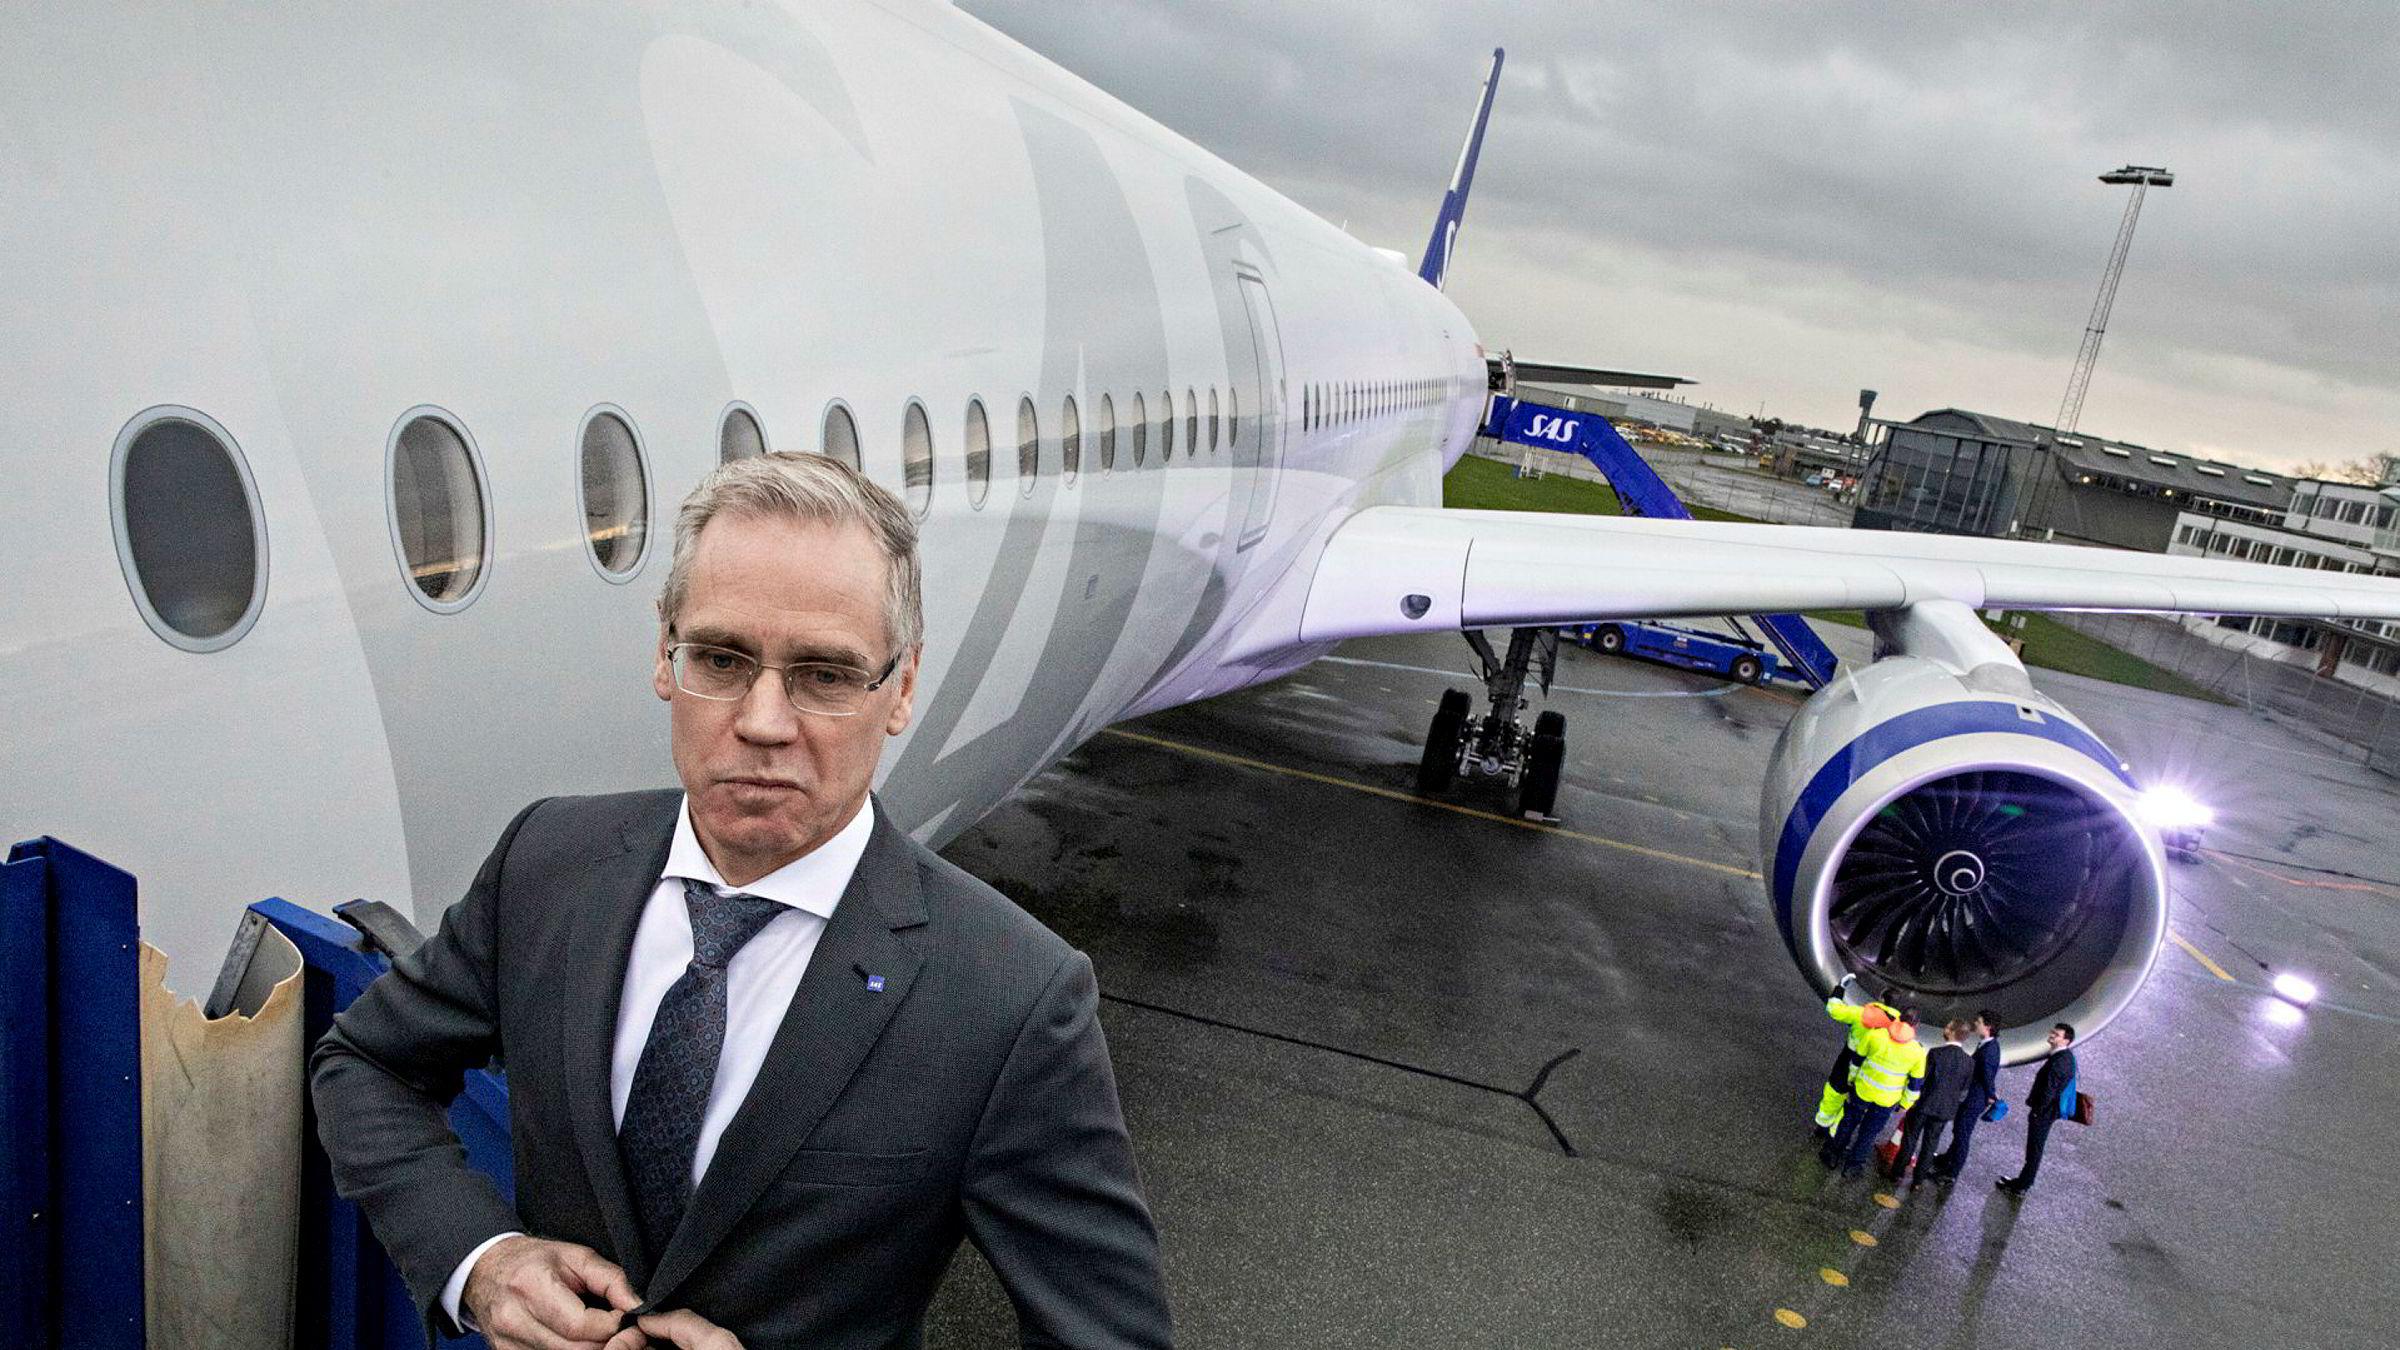 SAS-sjef Rickard Gustafson fikk en oppsving i trafikken og prisene i desember. Her foran selskapets nye langdistansefly Airbus A350 i København før jul.